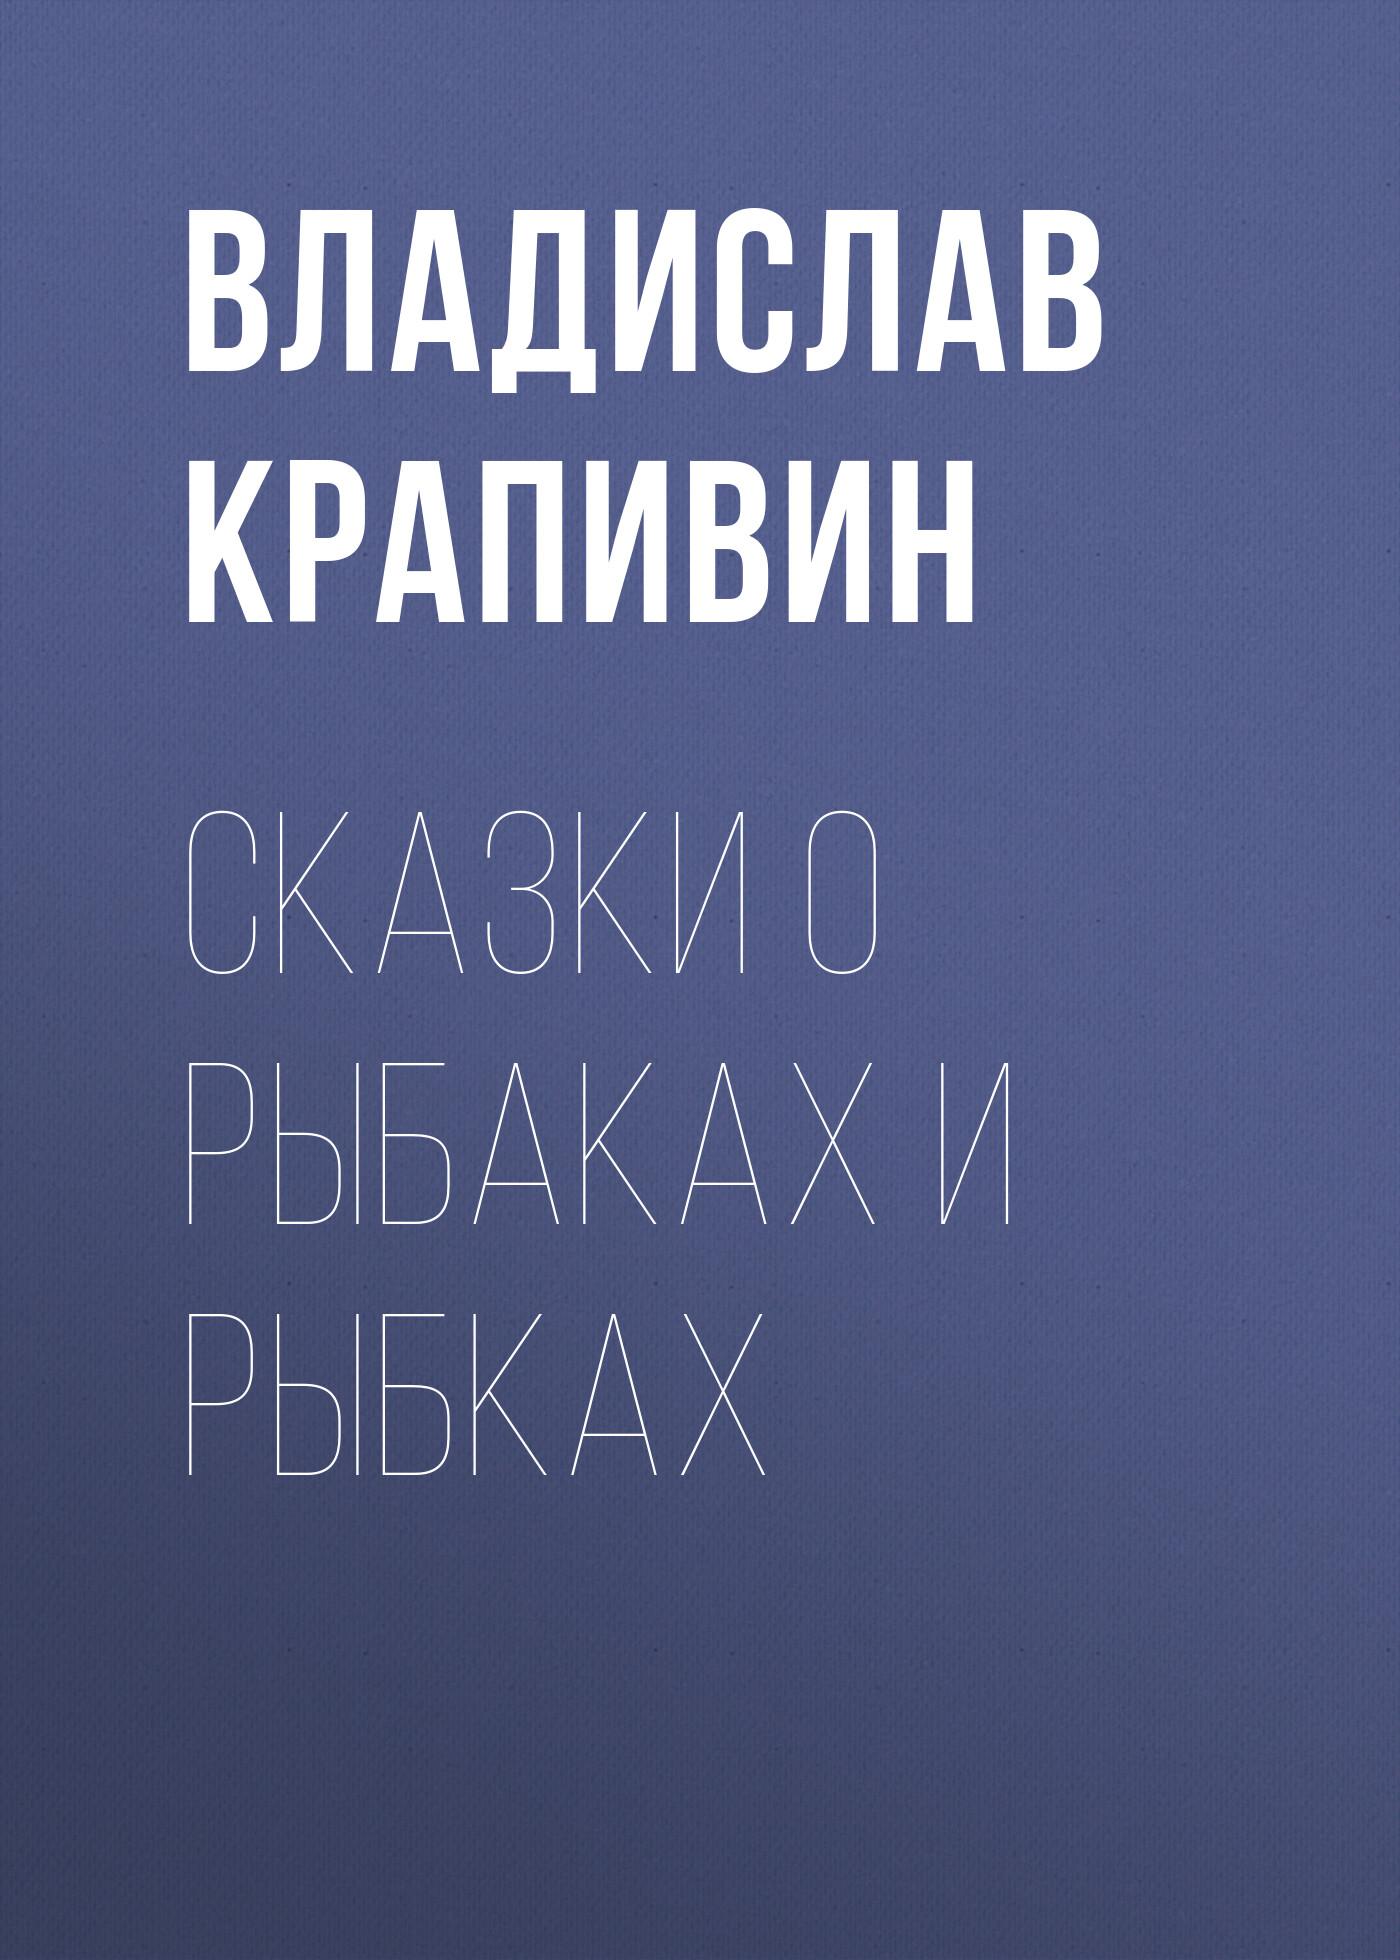 Владислав Крапивин Сказки о рыбаках и рыбках королев в экономика и рынок для девчонок и мальчишек